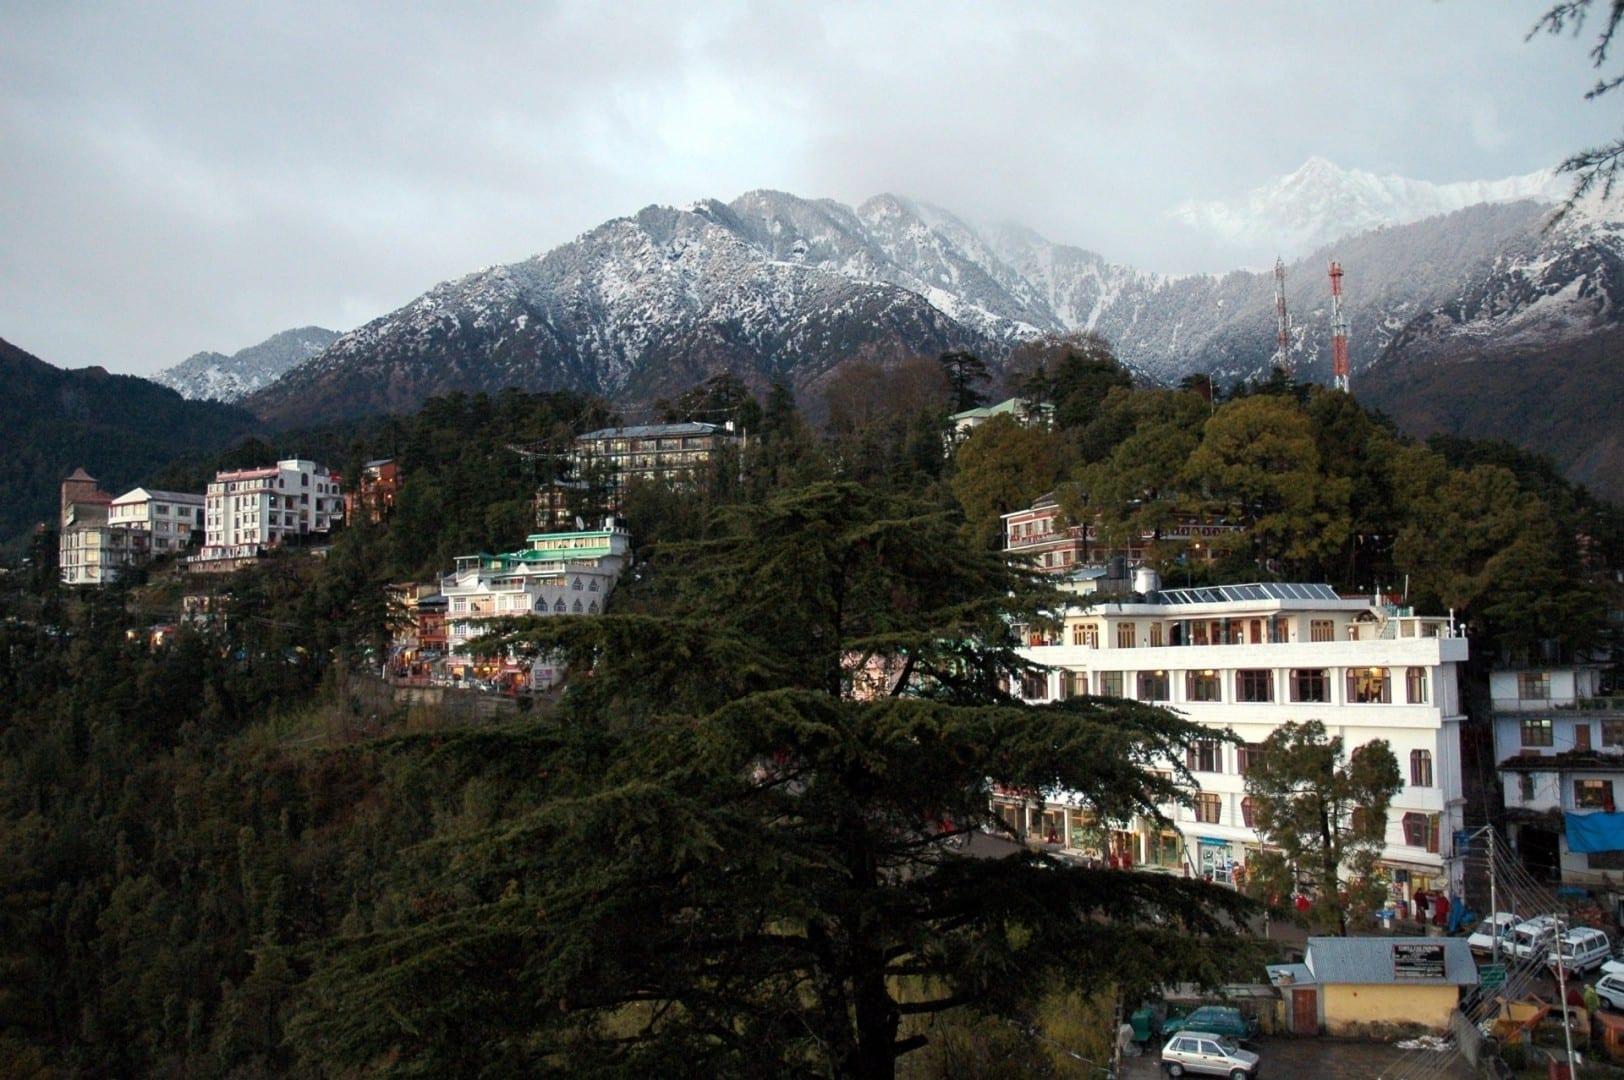 McLeod Ganj y los picos nevados de los Dhauladhars Dharamsala India